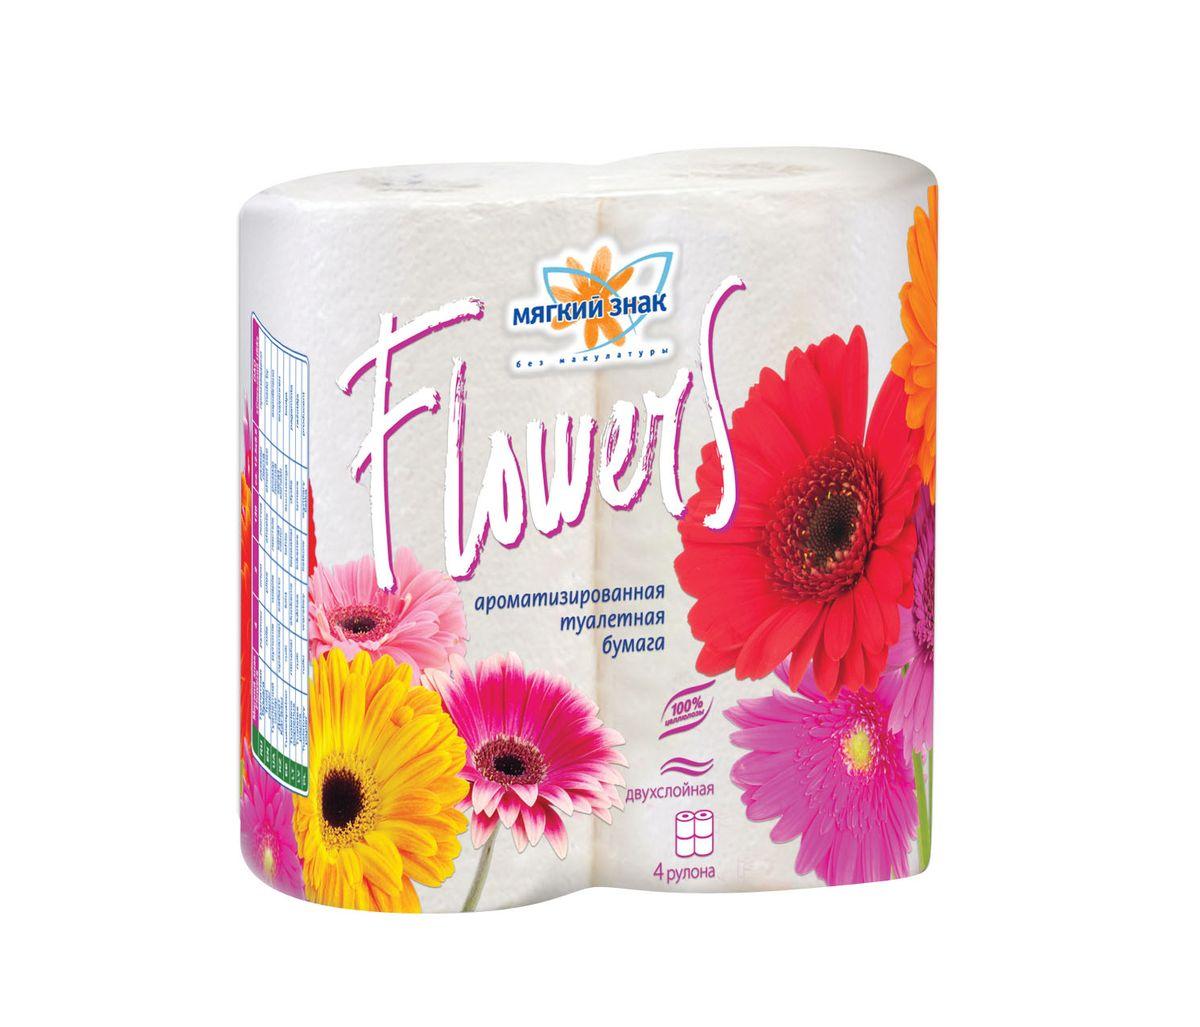 Туалетная бумага Мягкий знак Flowers, ароматизированная, двухслойная, цвет: белый, 4 рулона туалетная бумага biocos двухслойная цвет белый 4 рулона